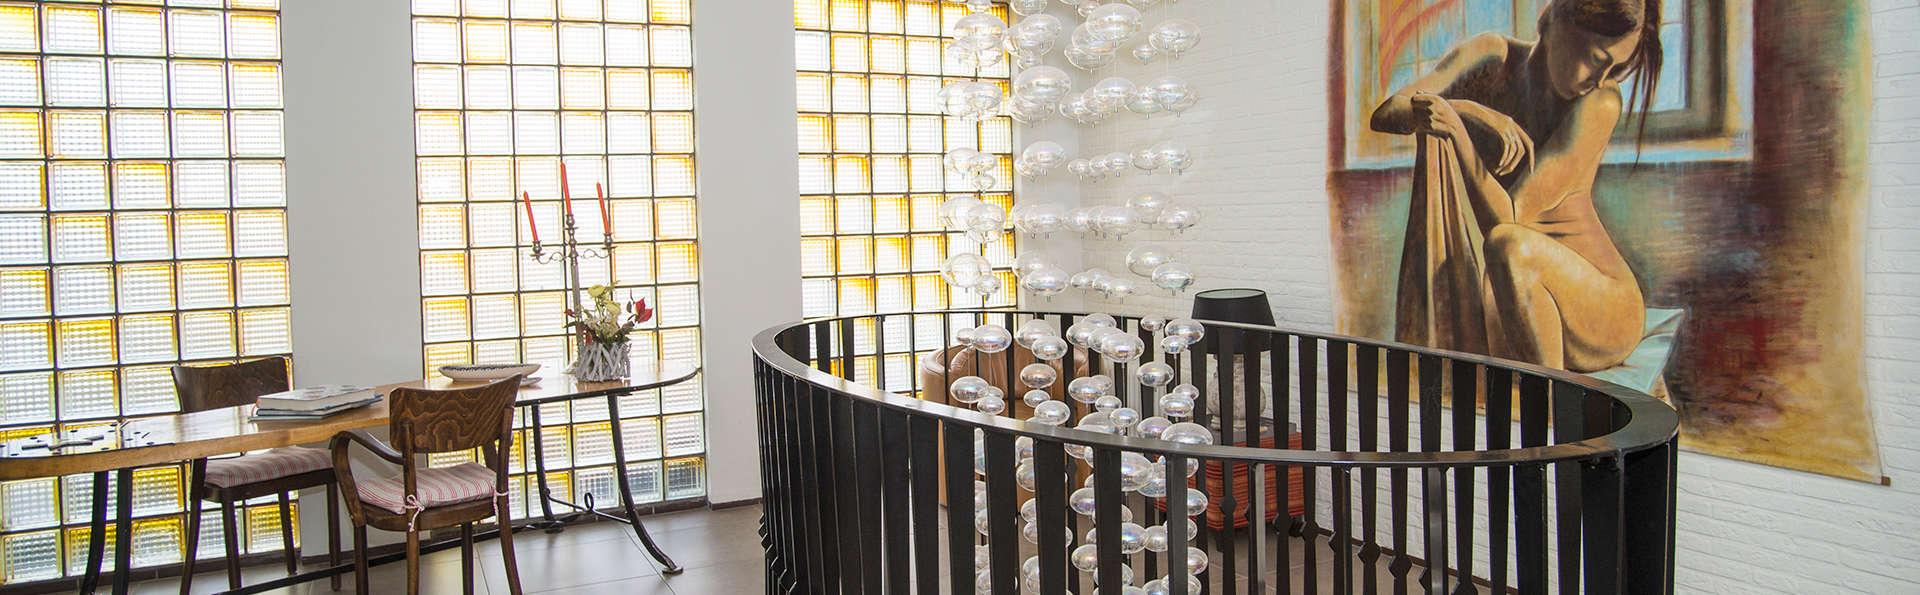 Hotel Wymerts - EDIT_NEW_interior1.jpg